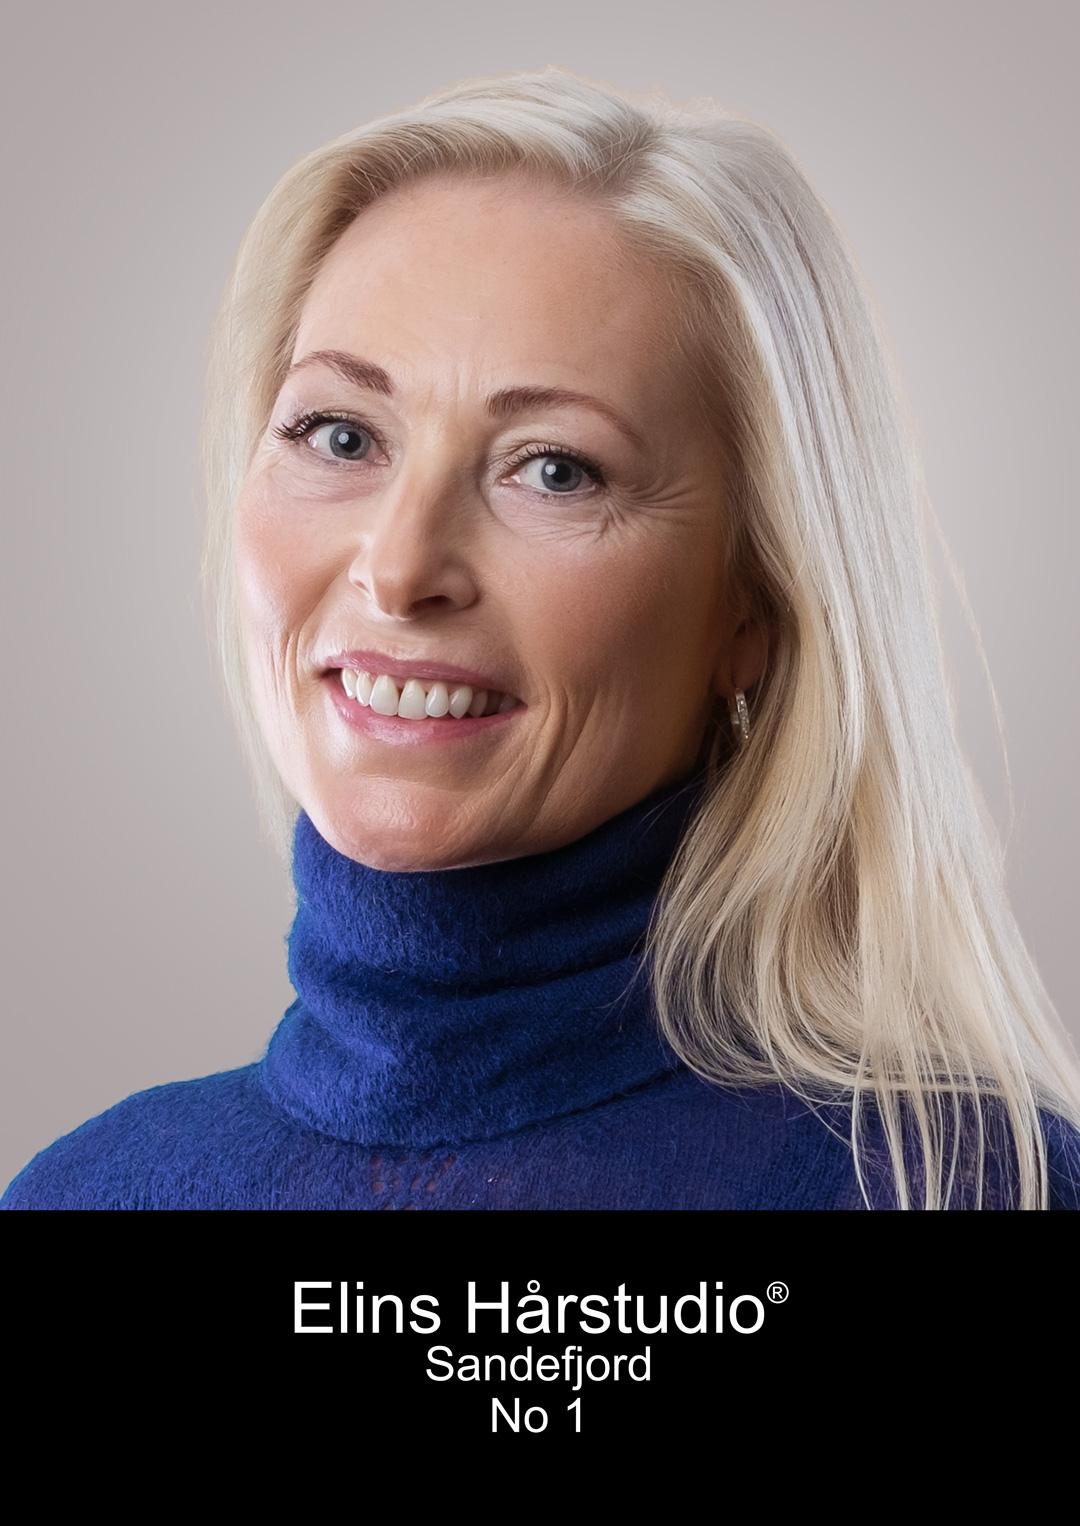 Stine Therese frisør Sandefjord elins harstudio